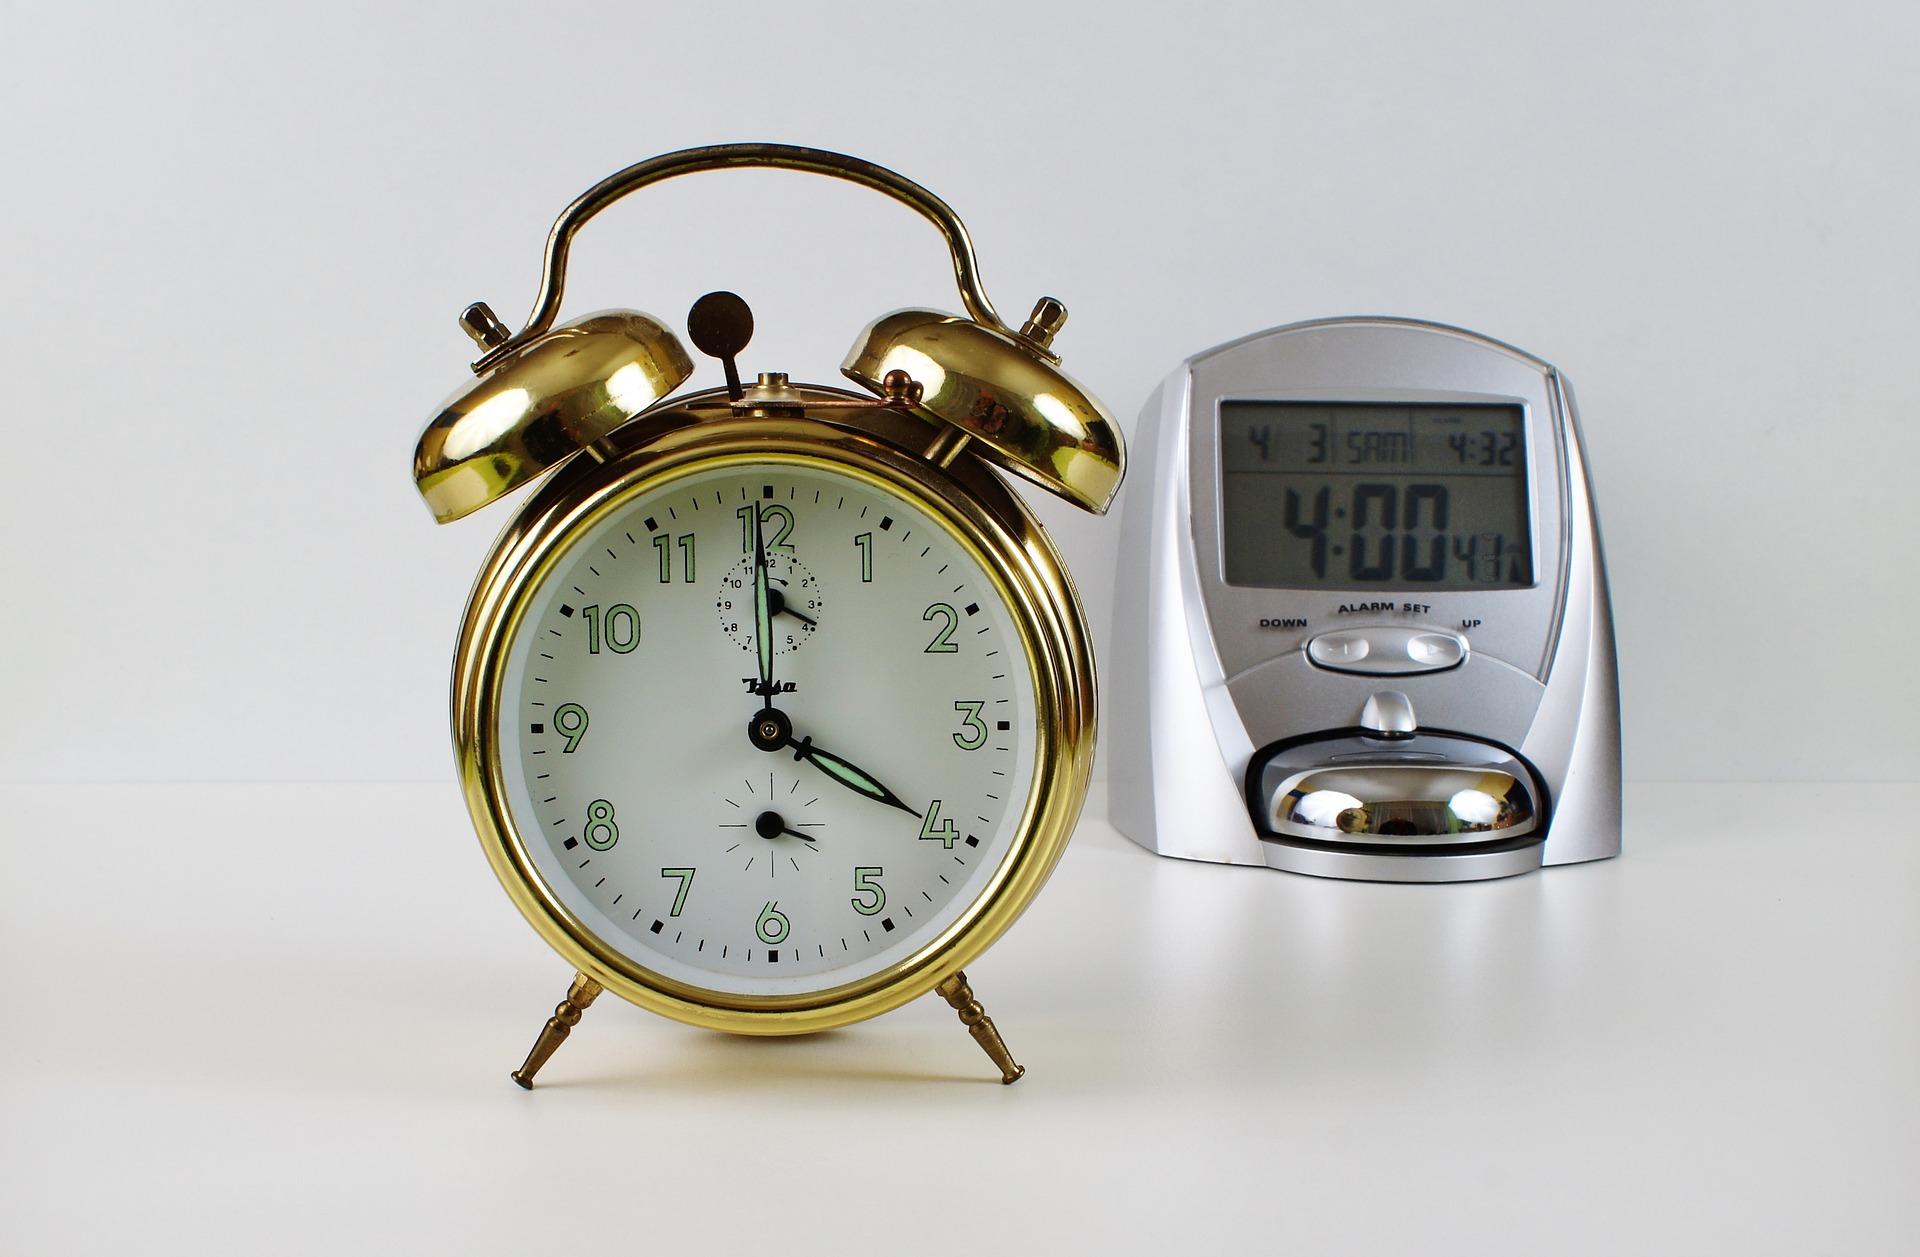 clock: 4:00